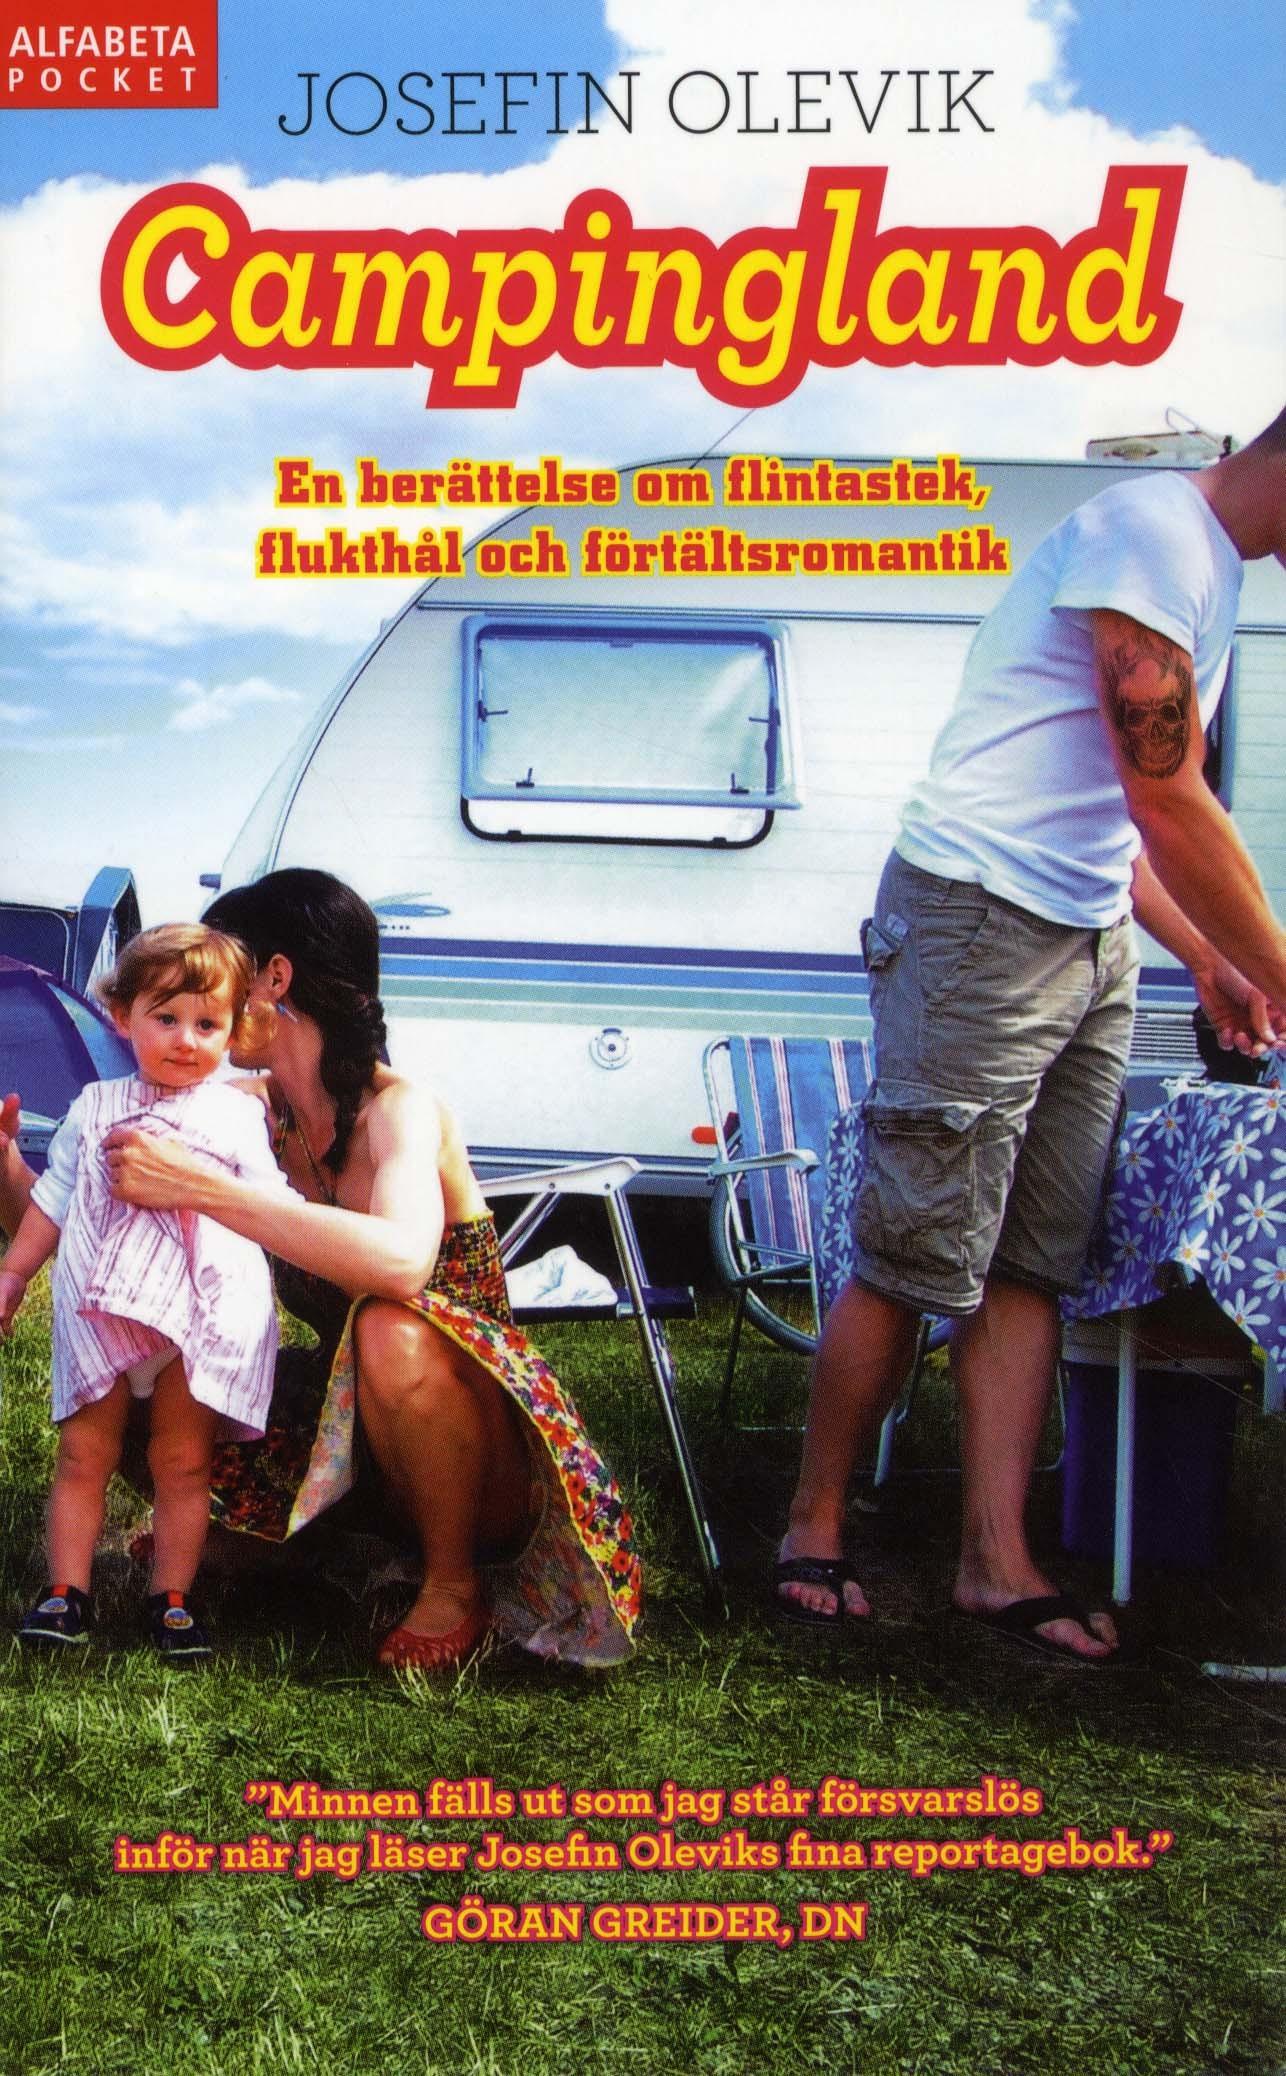 Campingland : en berättelse om flintastek, flukthål och förtältsromantik